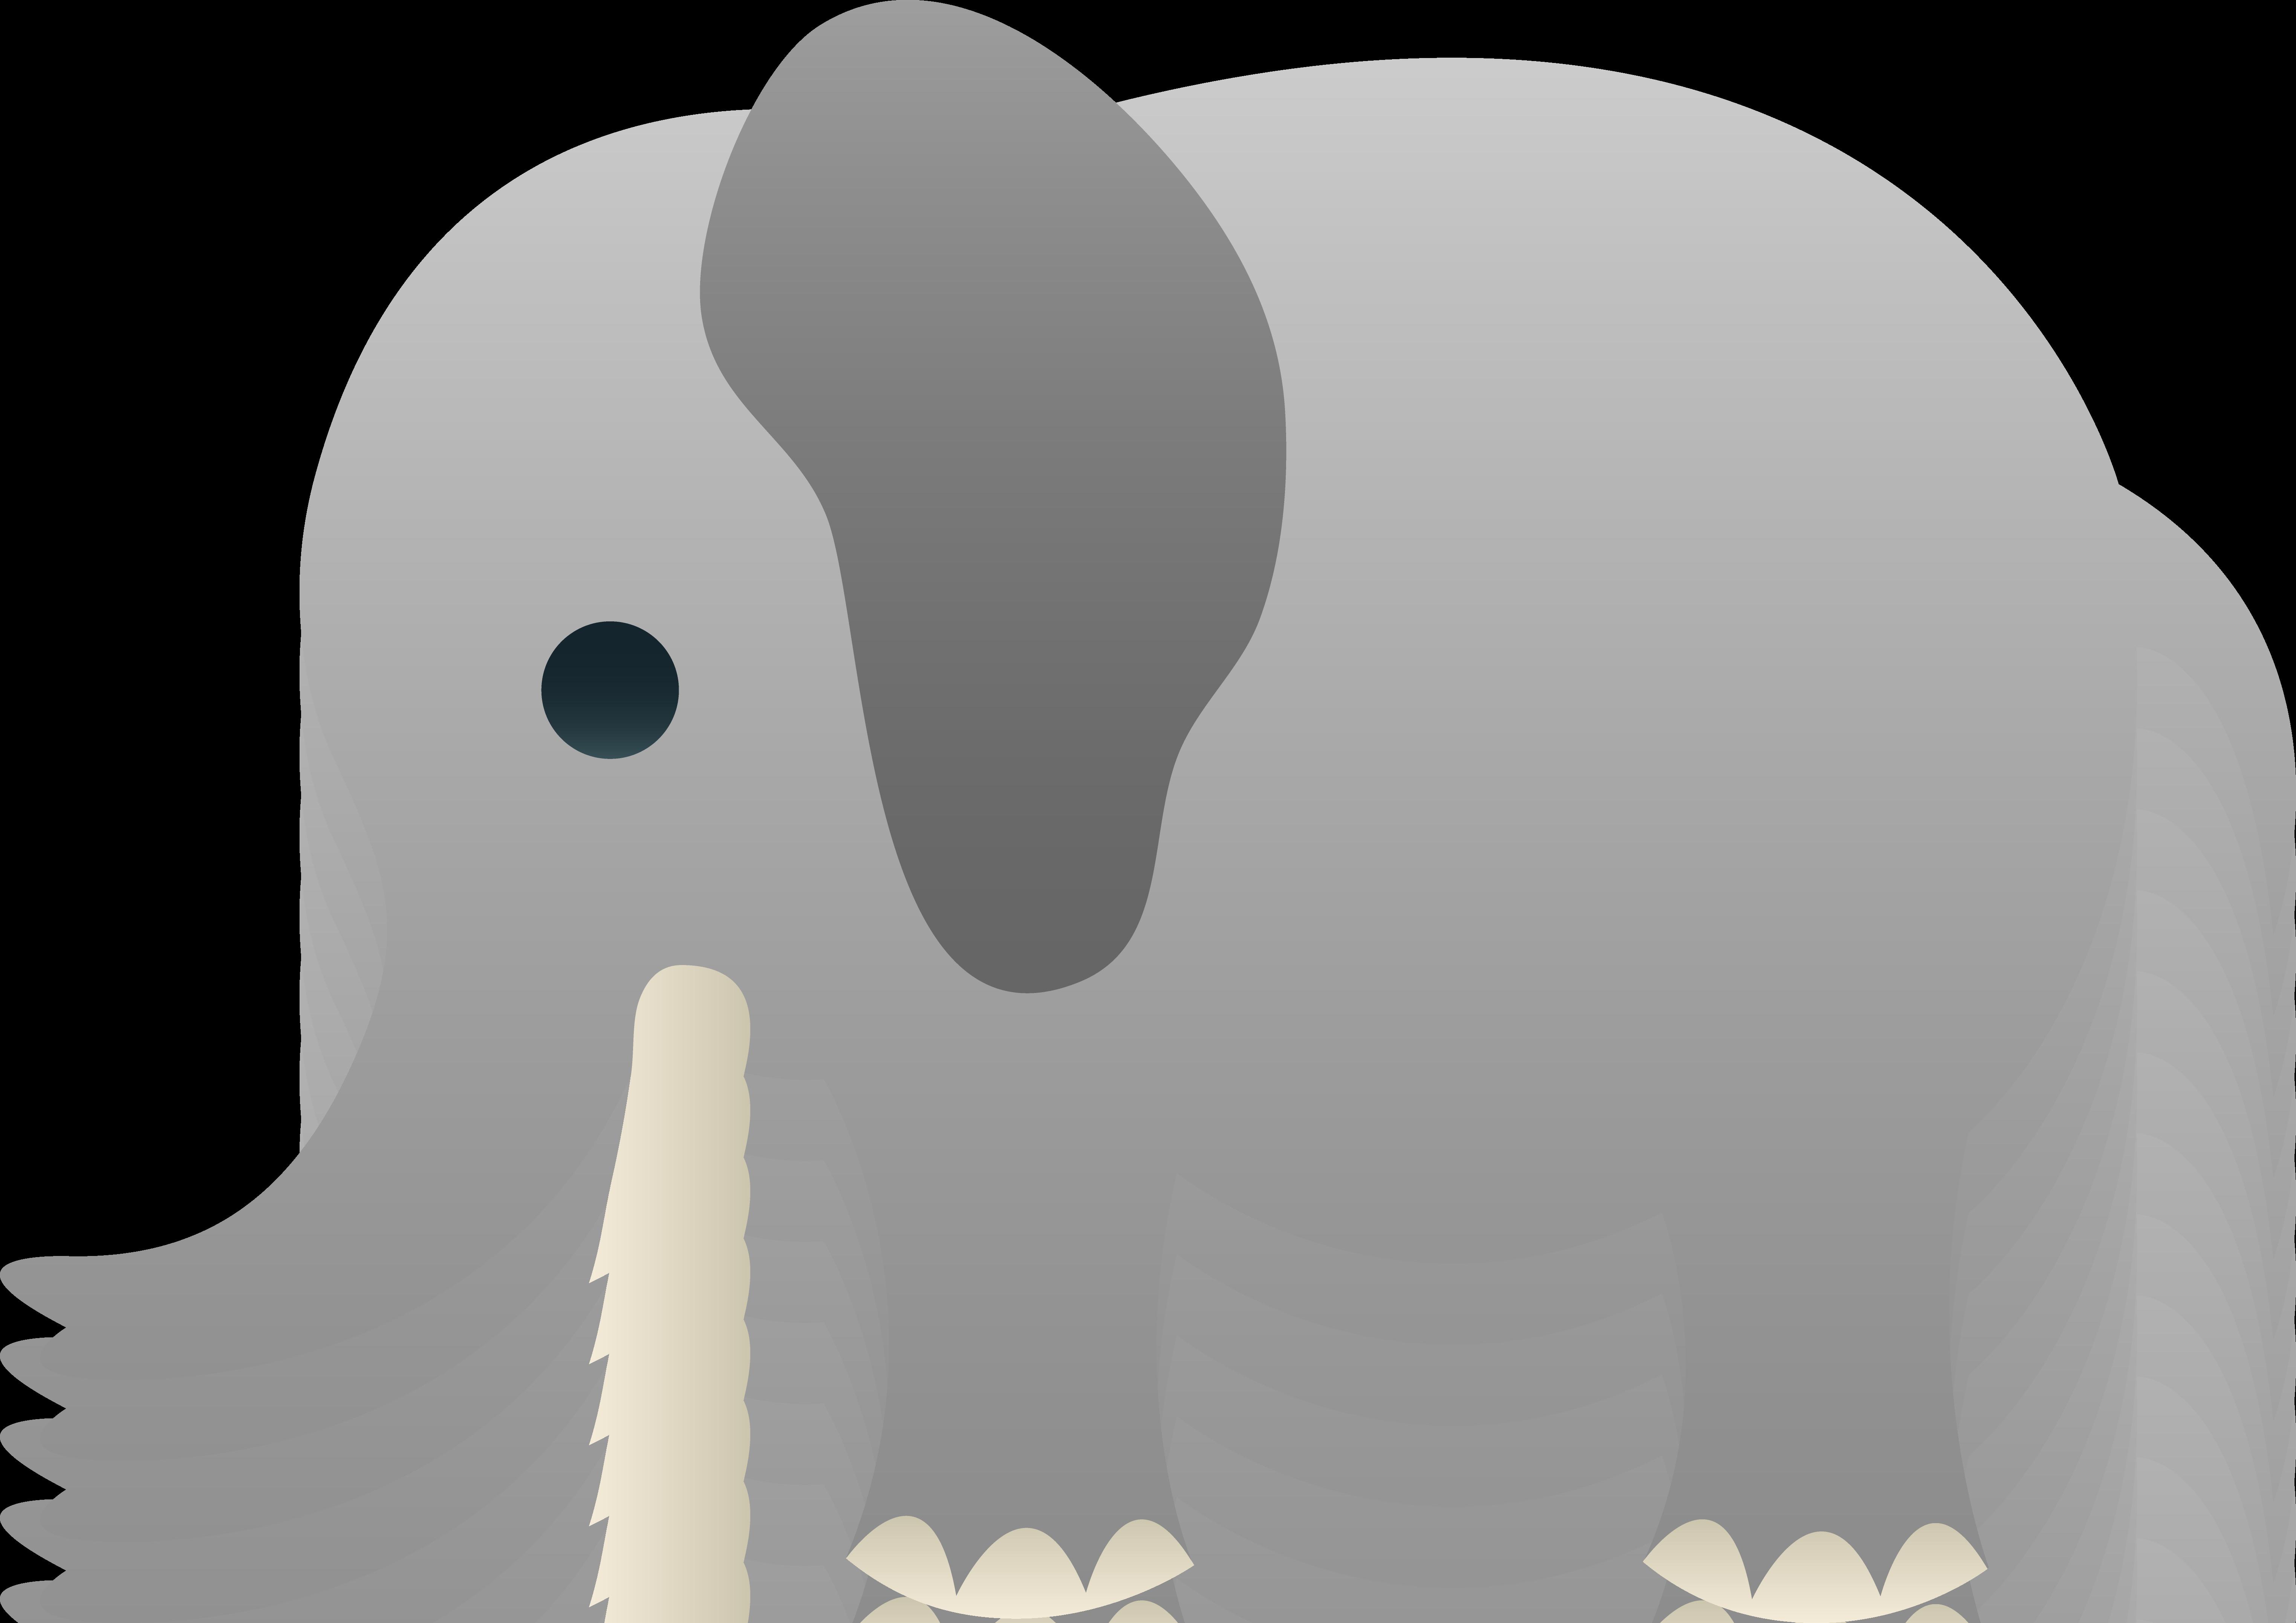 svg free Announcement clipart elephant. Cute little clip art.